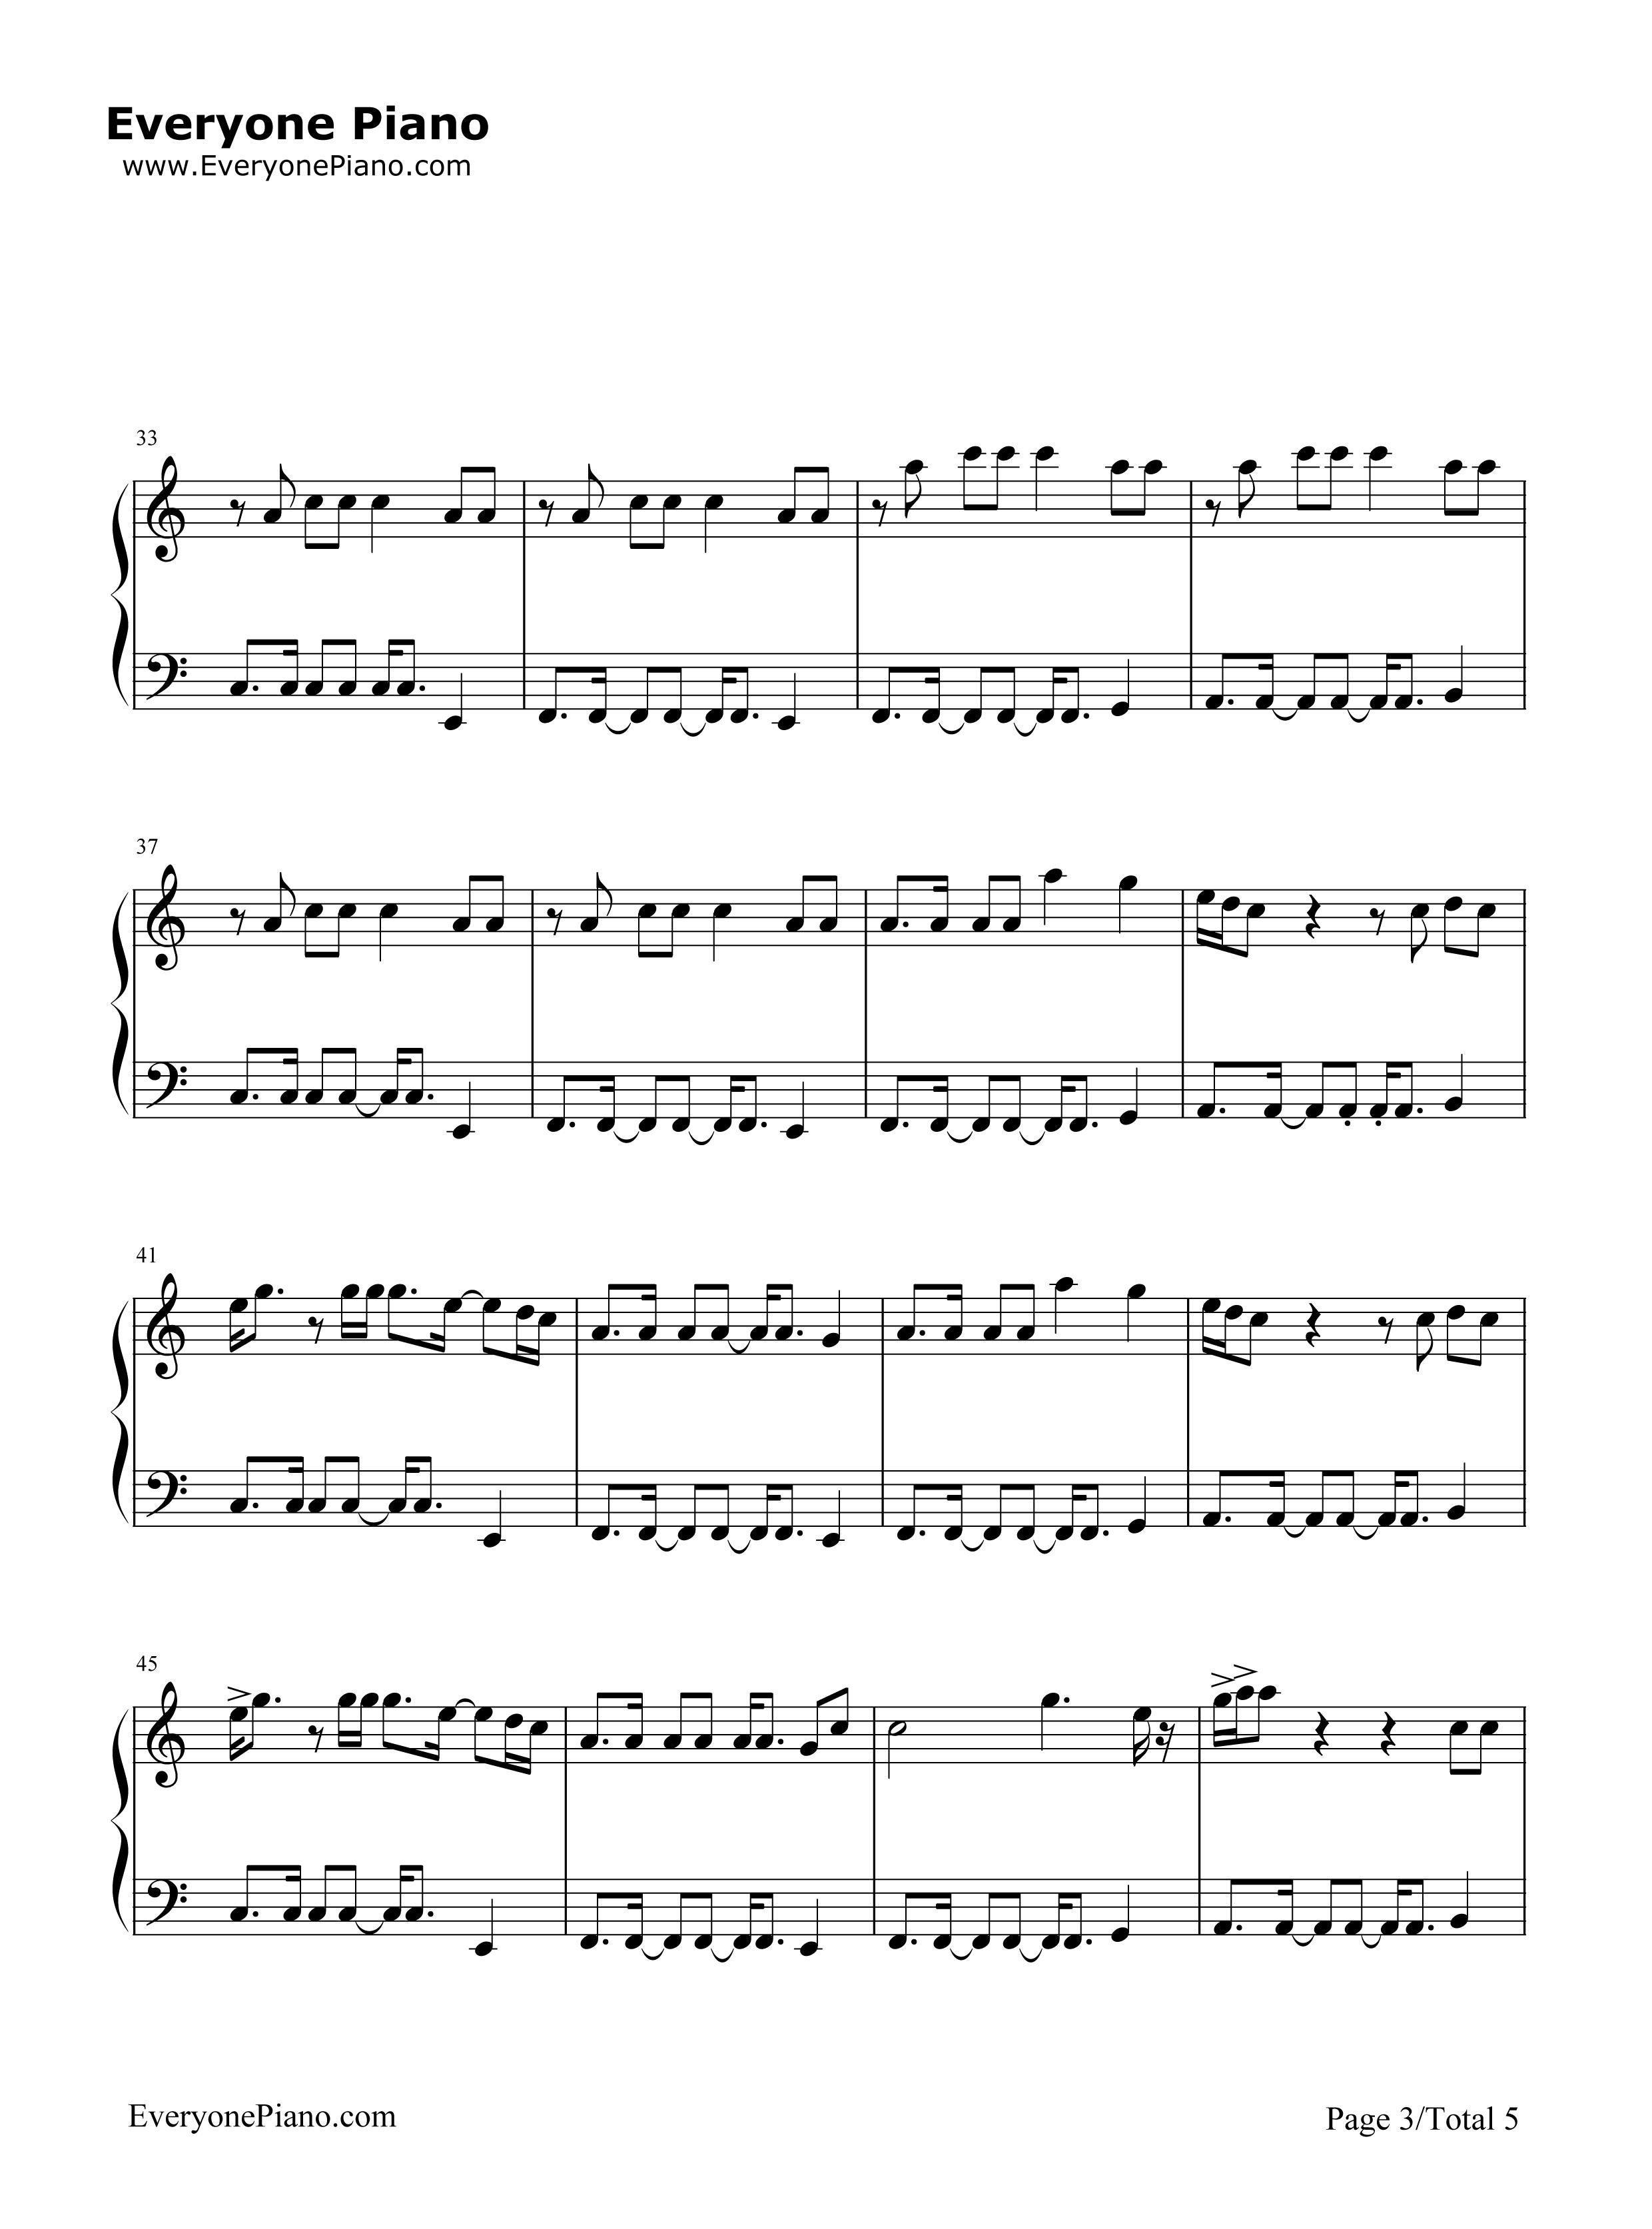 One s for You David Guetta五线谱预览3 钢琴谱档 五线谱 双手简谱